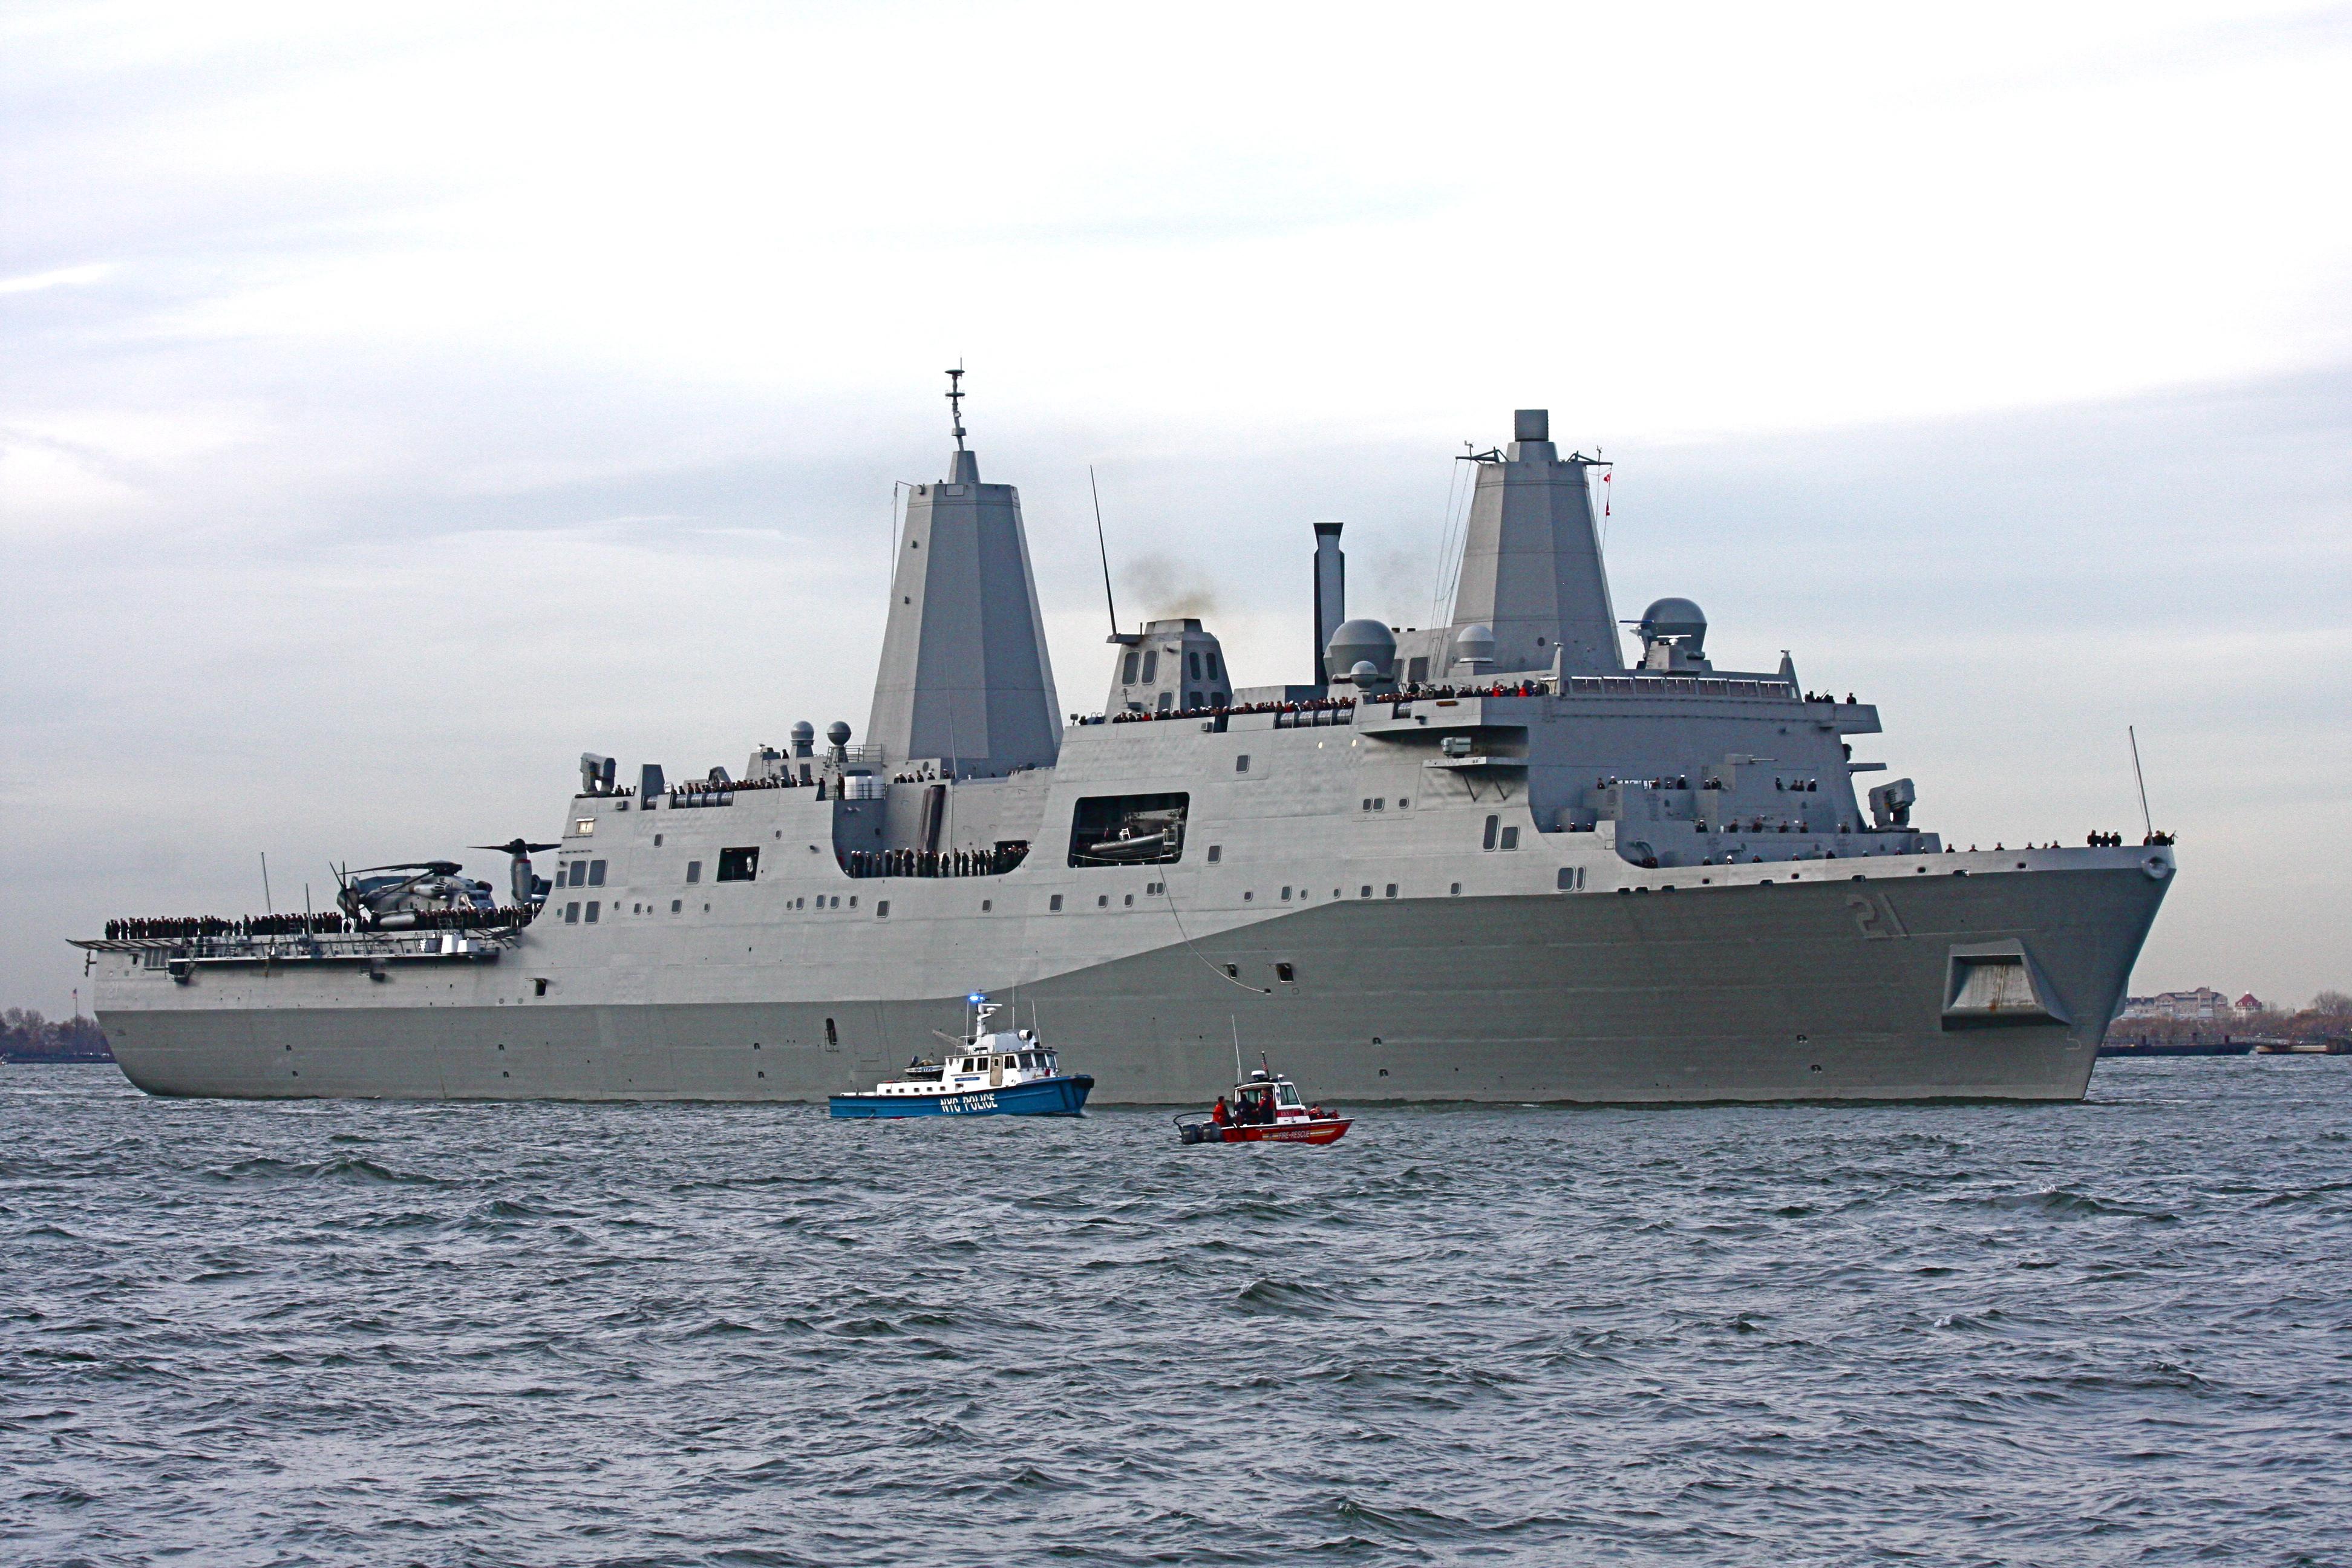 USS_New_York_in_the_Hudson_River_200911.jpg